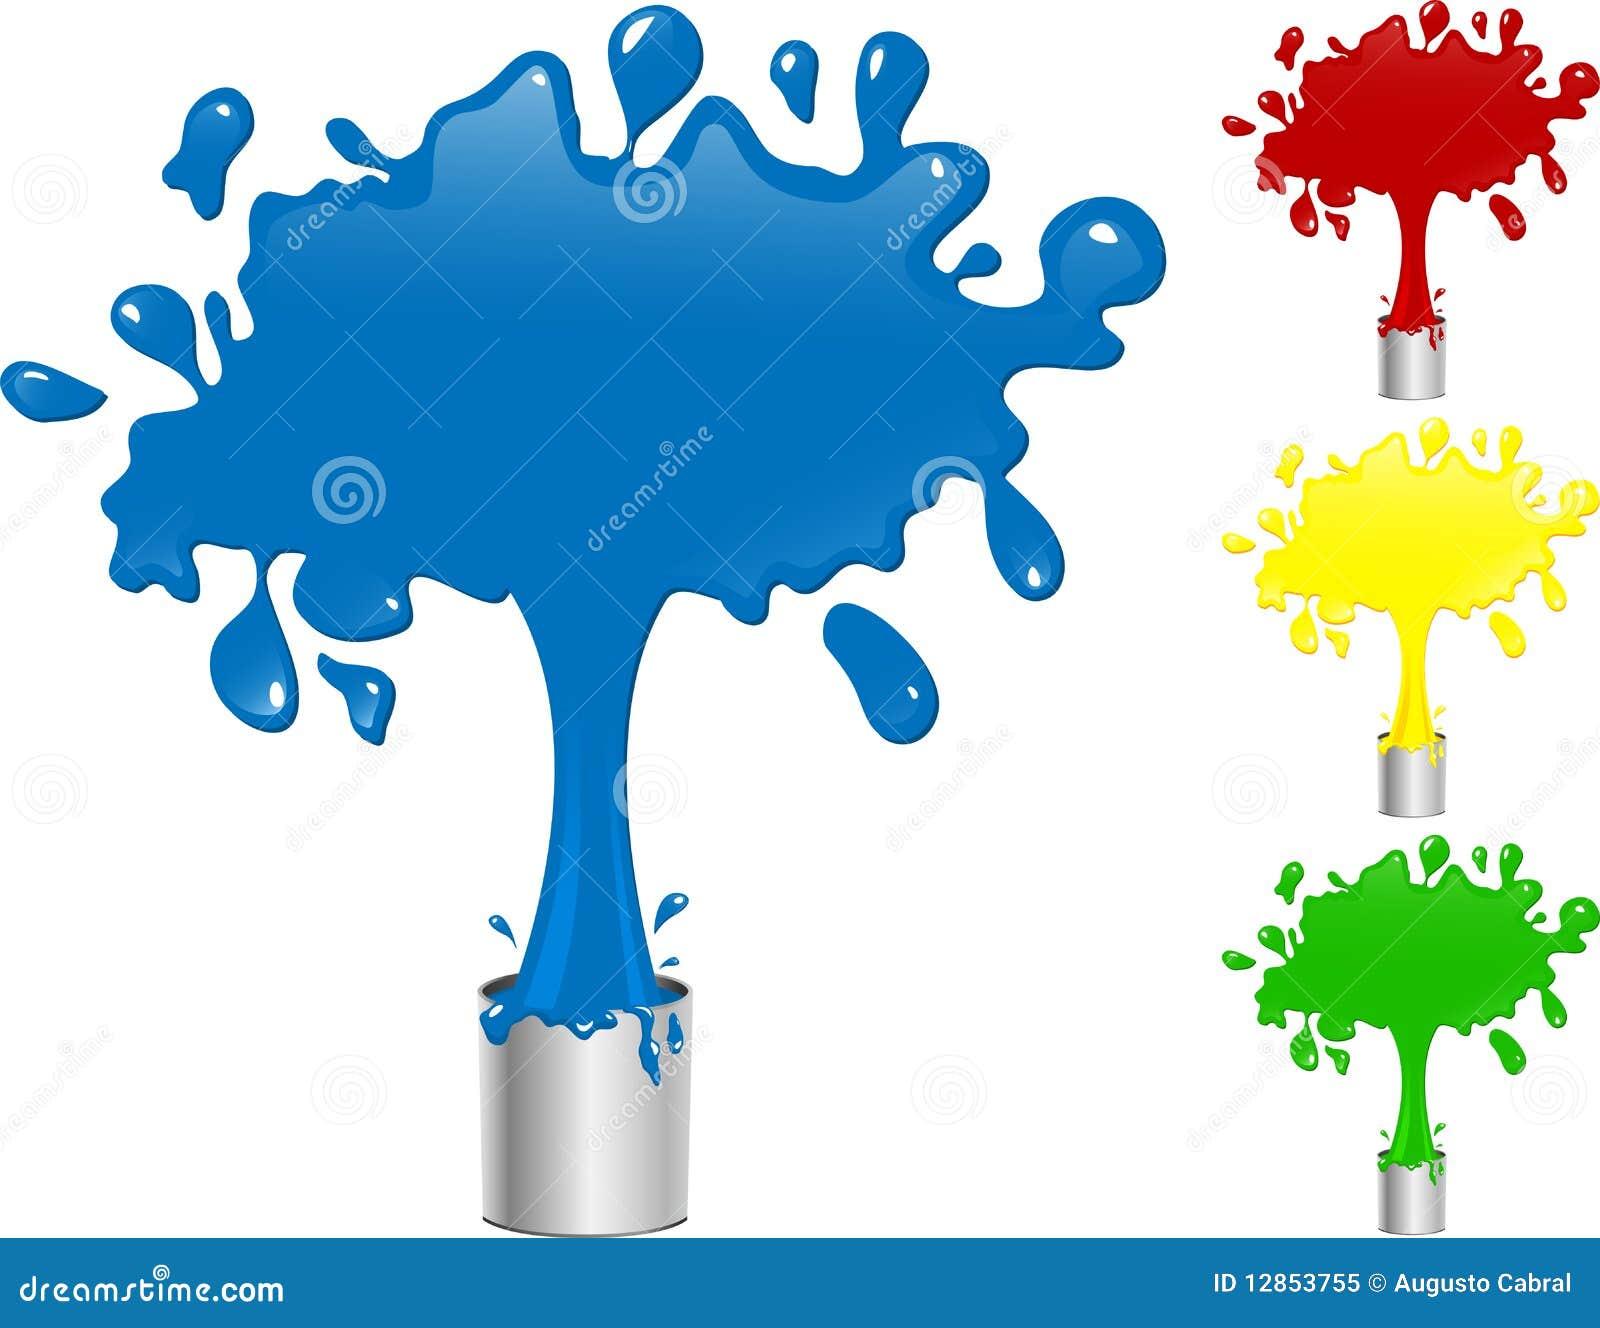 Pintura azul, roja, amarilla y verde